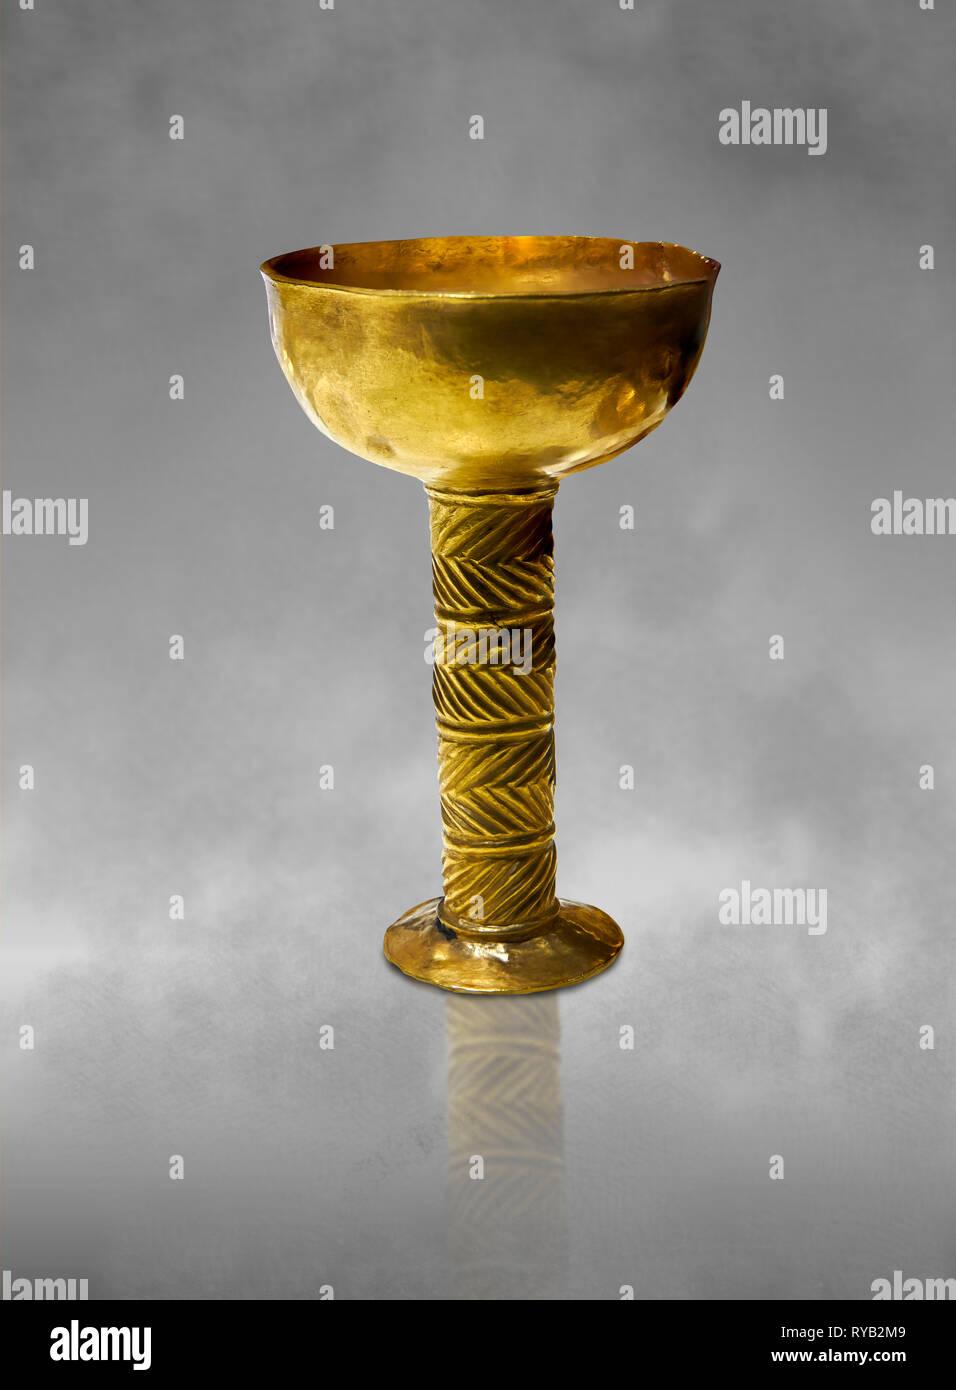 Bronzezeit Hattiergemeinschaft Goldpokal von Grab K, möglicherweise eine königliche Grab aus der Bronzezeit (2500 v. Chr. bis 2250 v. Chr.) - alacahoyuk - Museum für Anatolische Zivilisationen, Stockbild